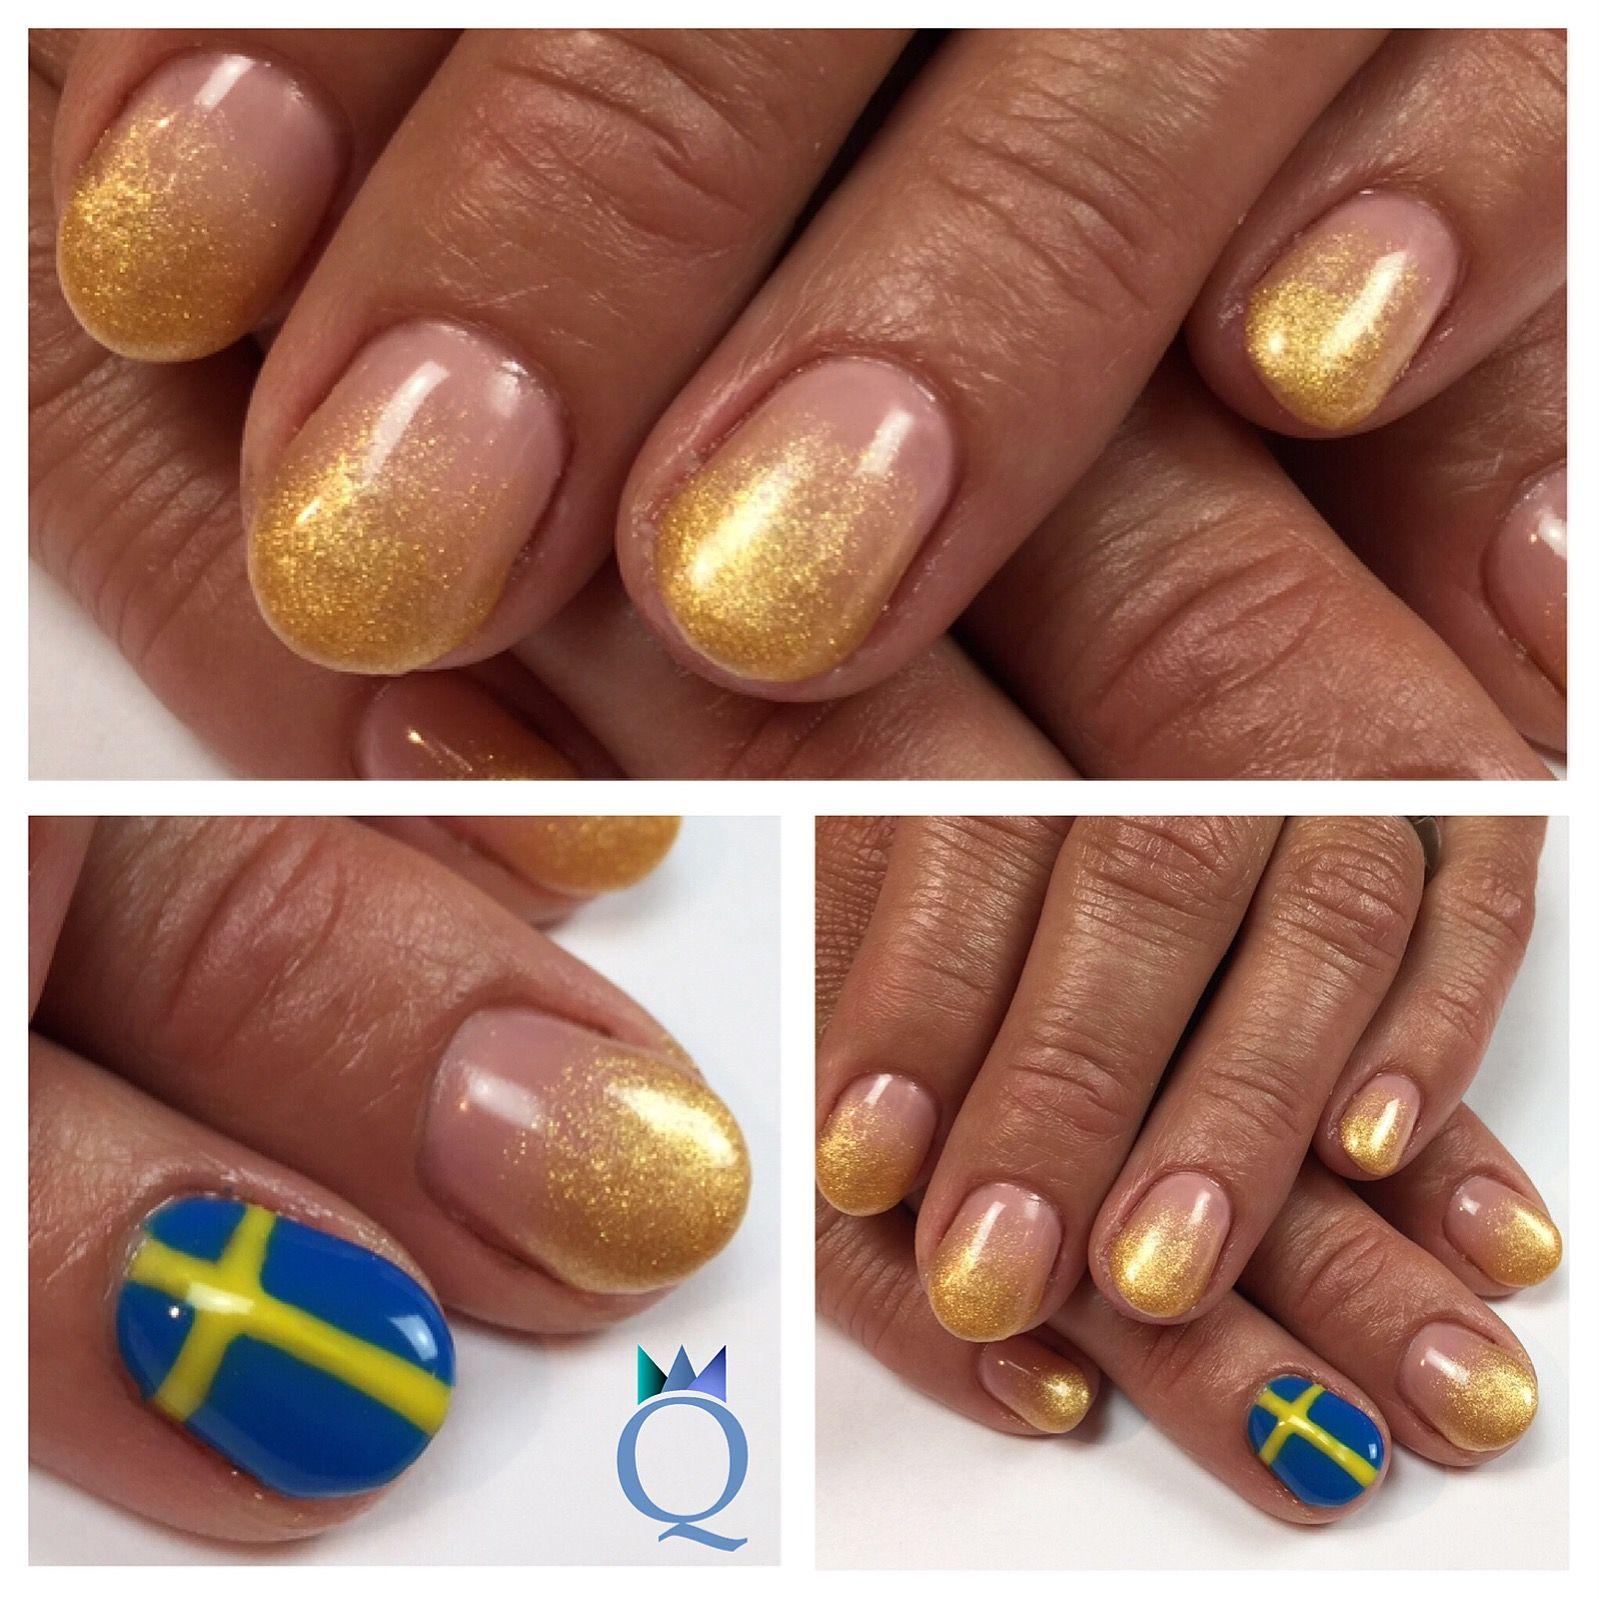 shortnails #gelnails #nails #gold #akyado #ombre #sweden #flag ...